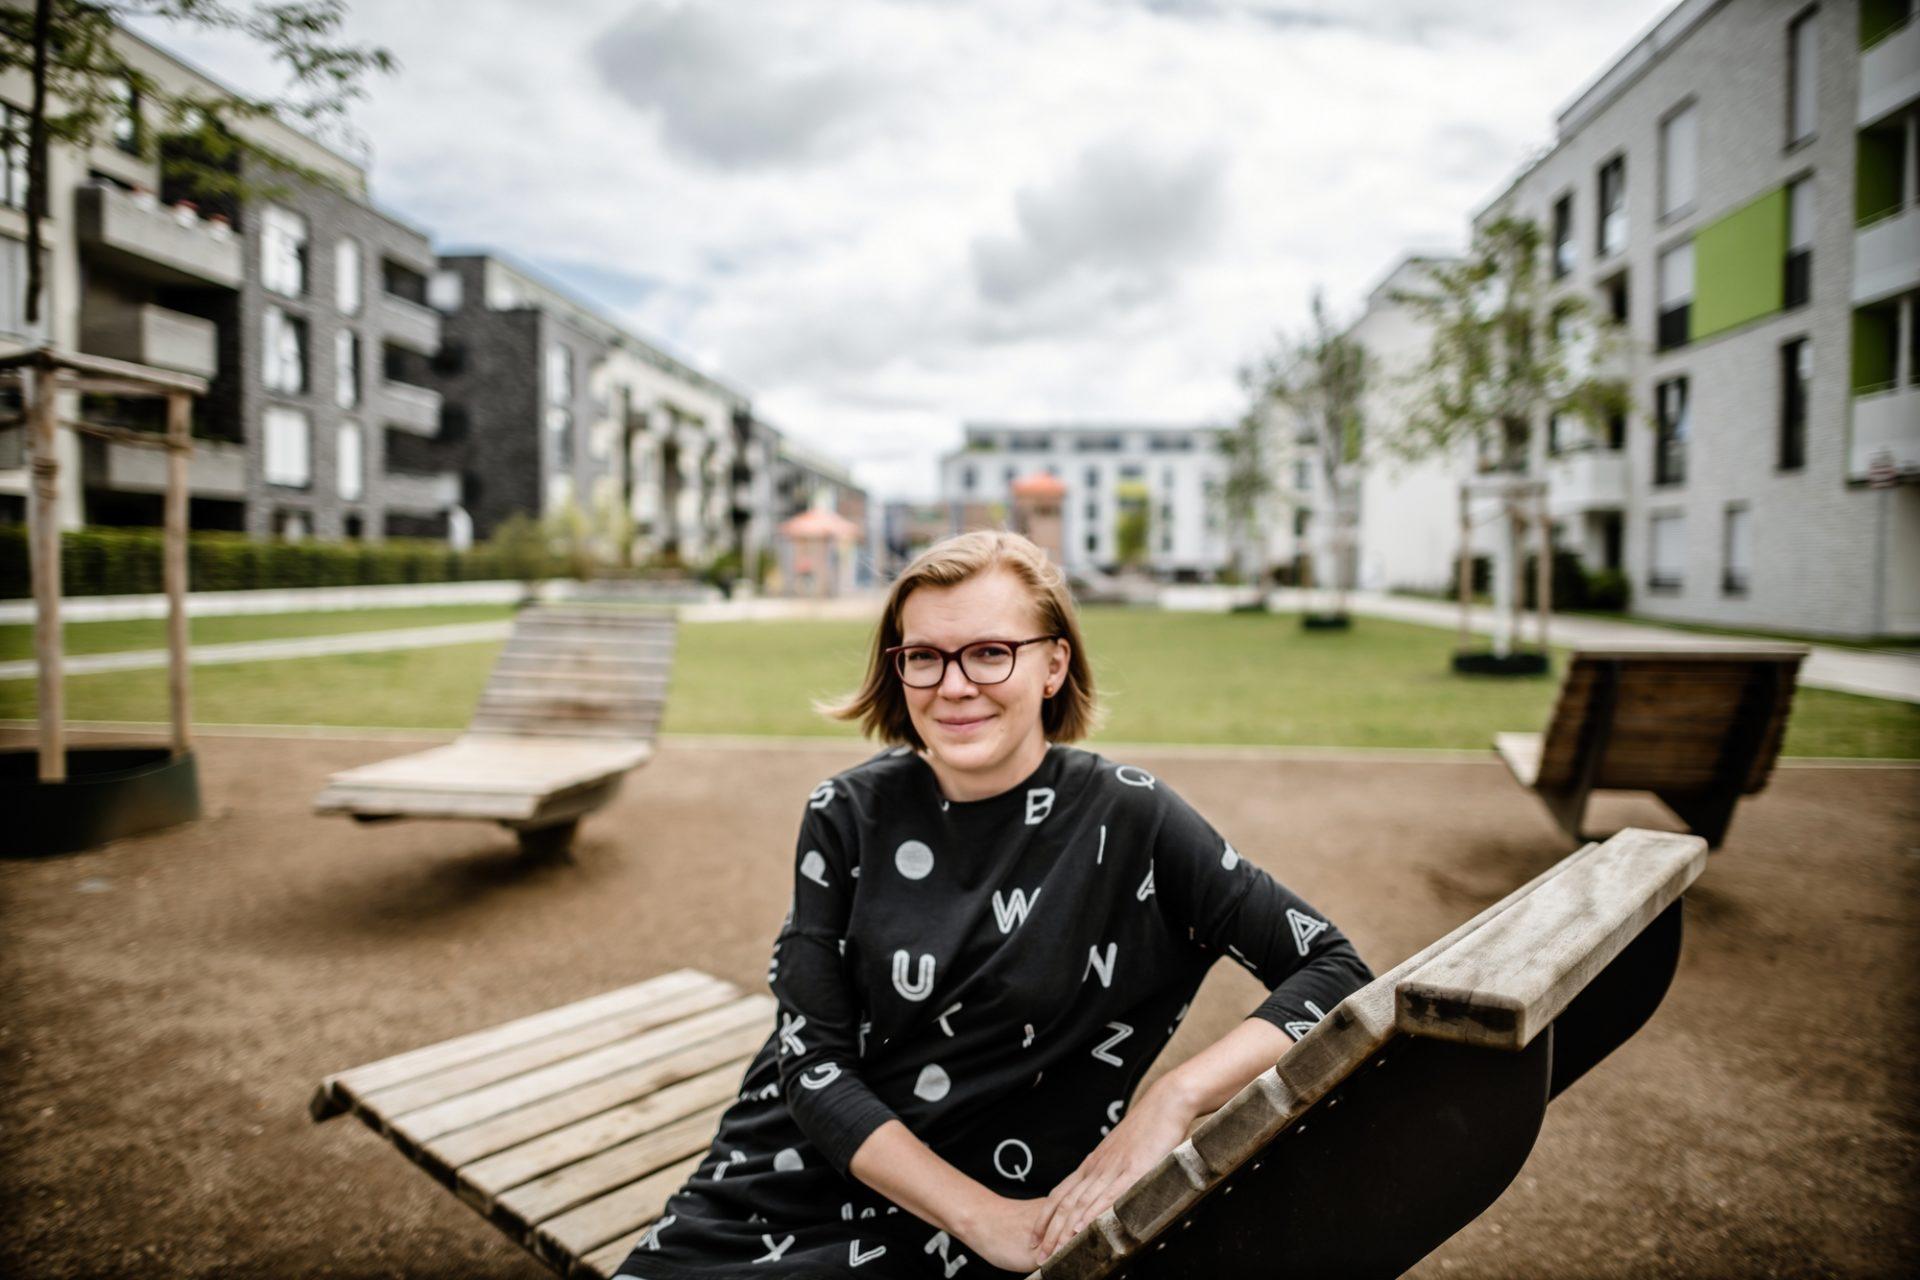 Daša Martin ist mit ihrer Familie von Wien nach Oberbilk gezogen. Sie kann die Unterschiede in der Wohnungspolitik beider Städte am Beispiel ihres Lebens erläutern. Foto: Andreas Endermann